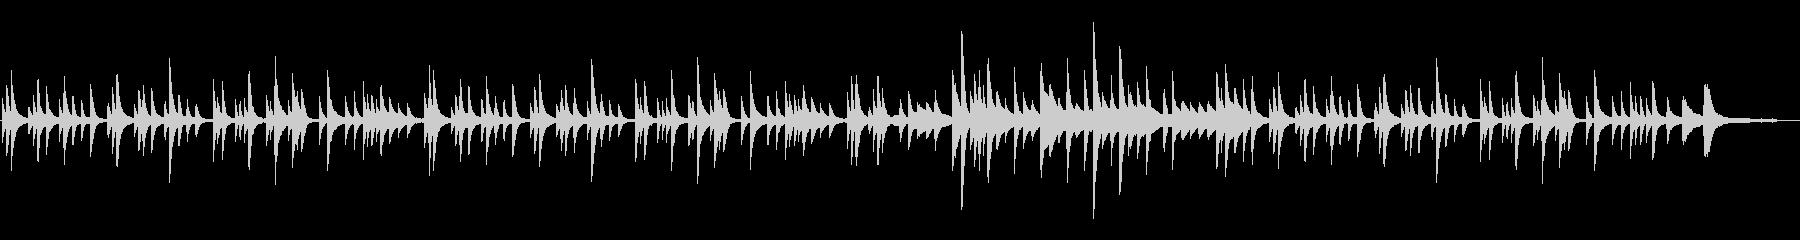 ノスタルジックで切ない和風ピアノバラードの未再生の波形